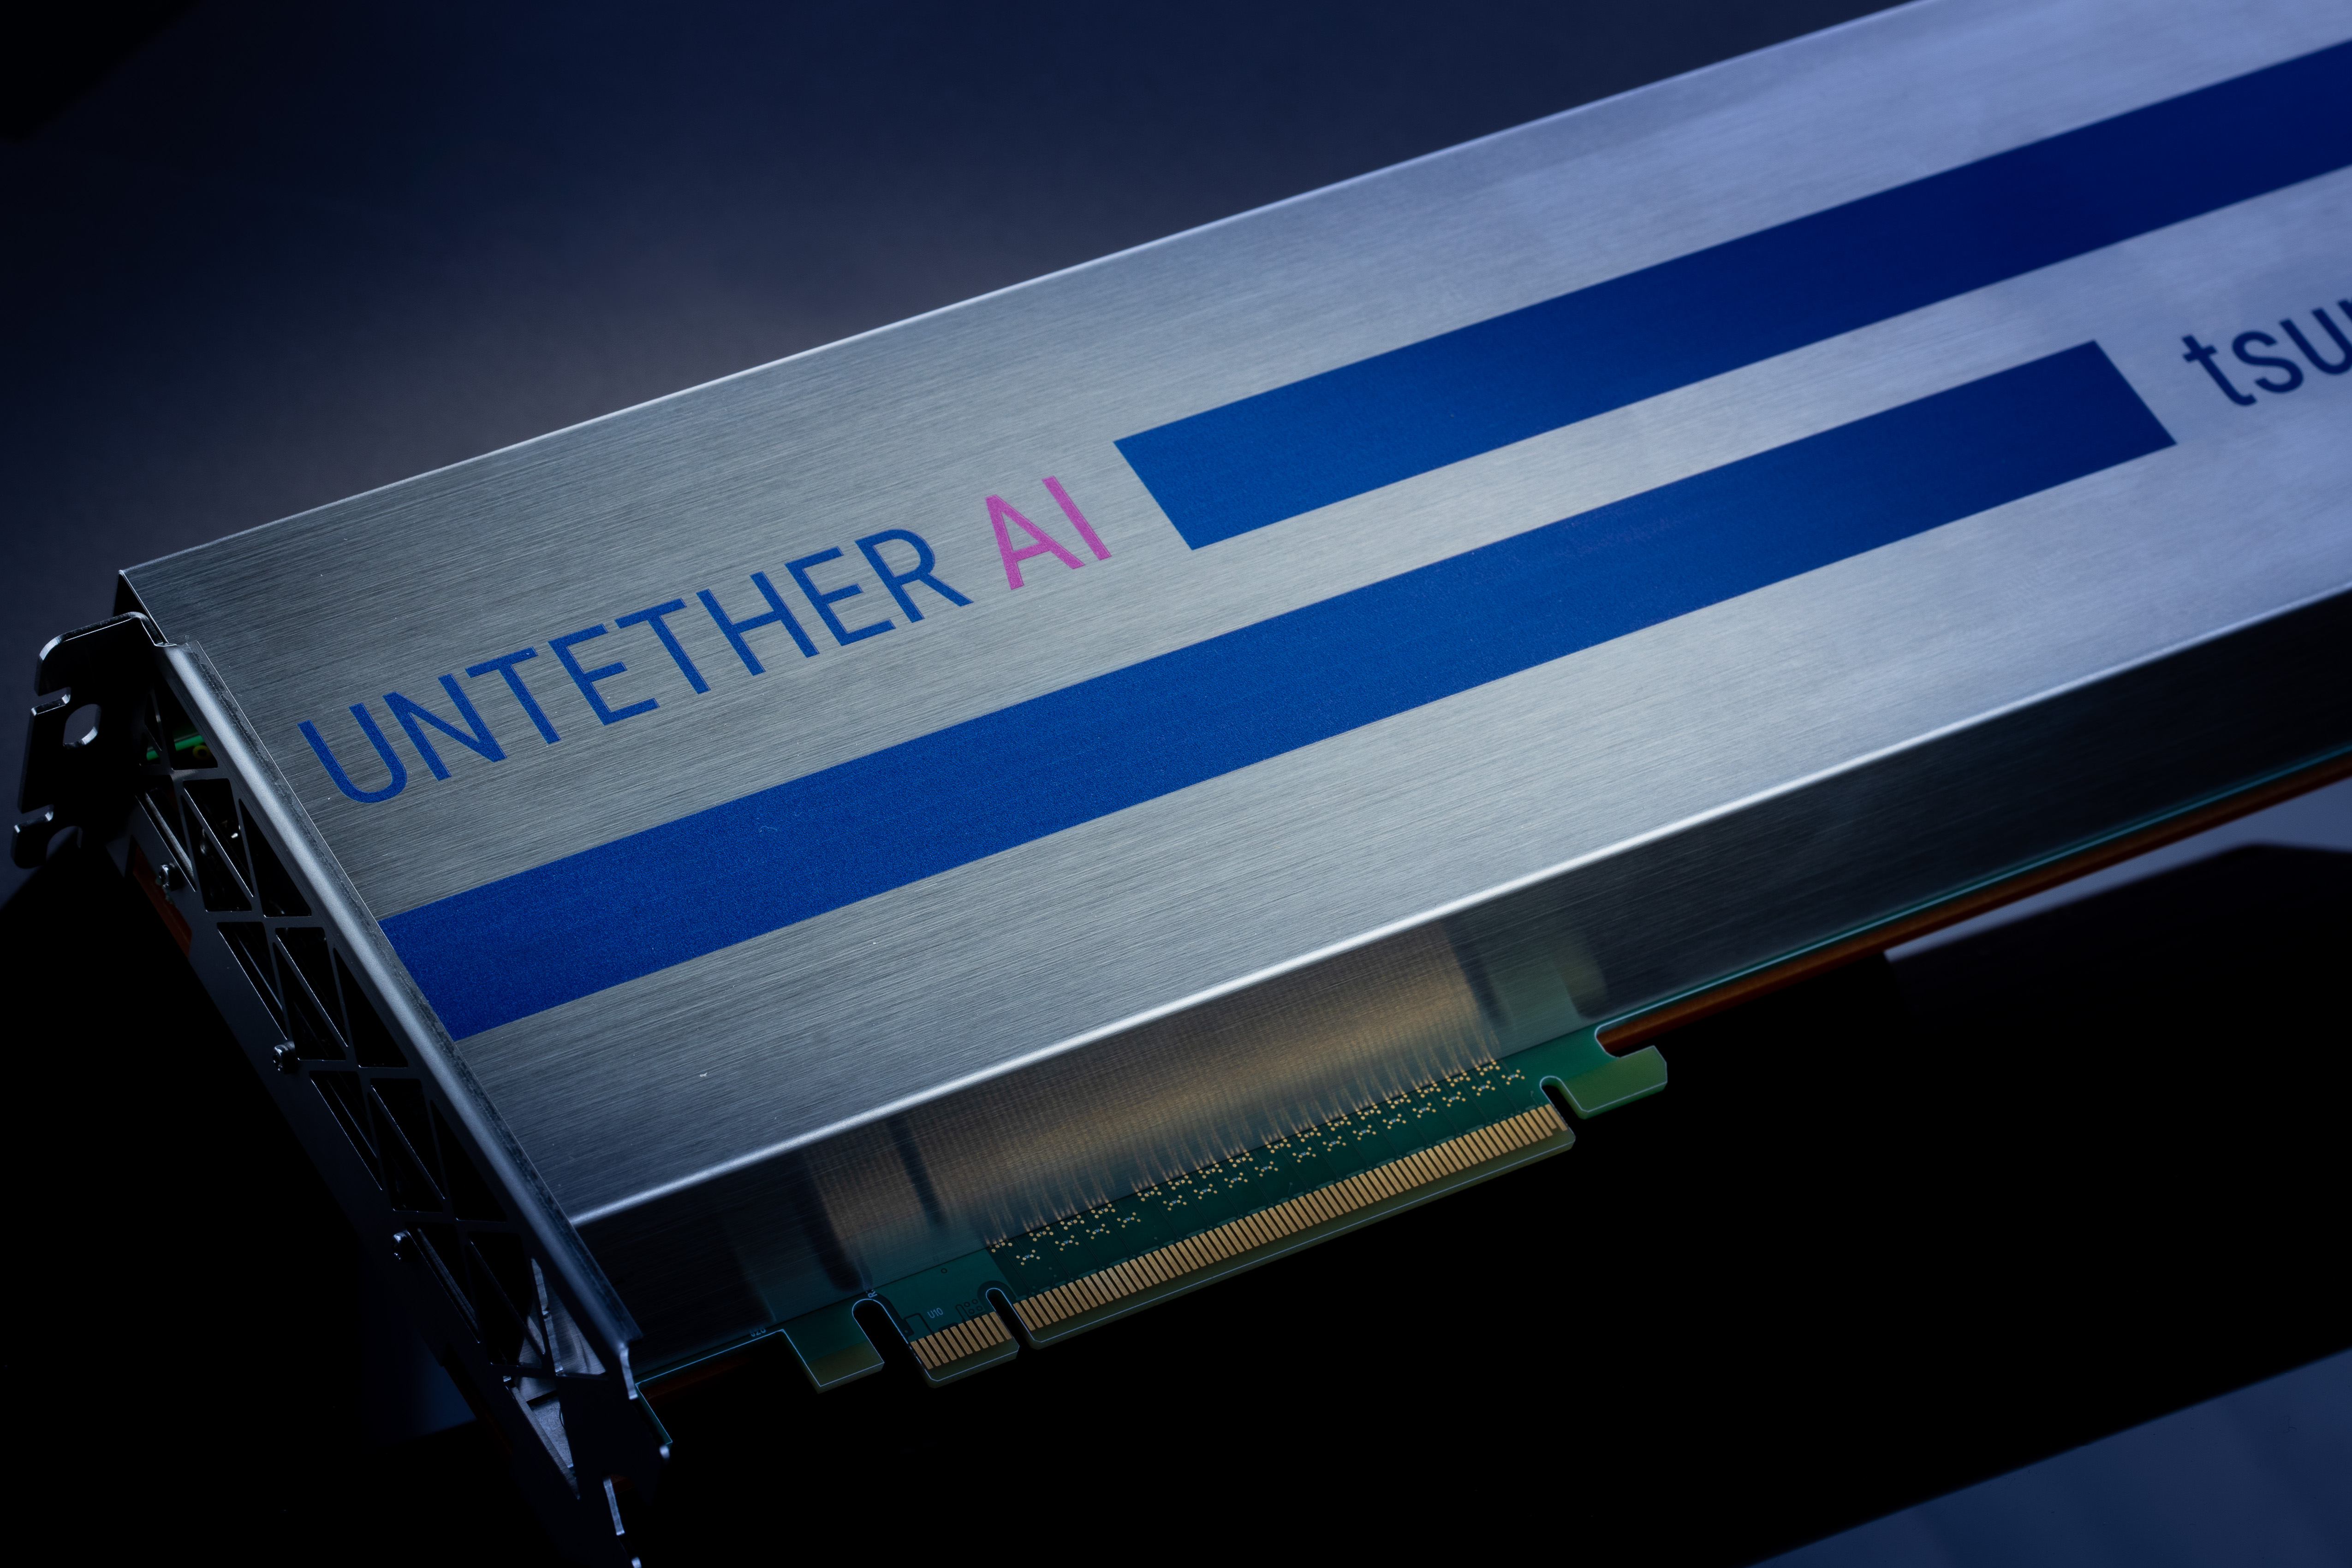 untethercard-19